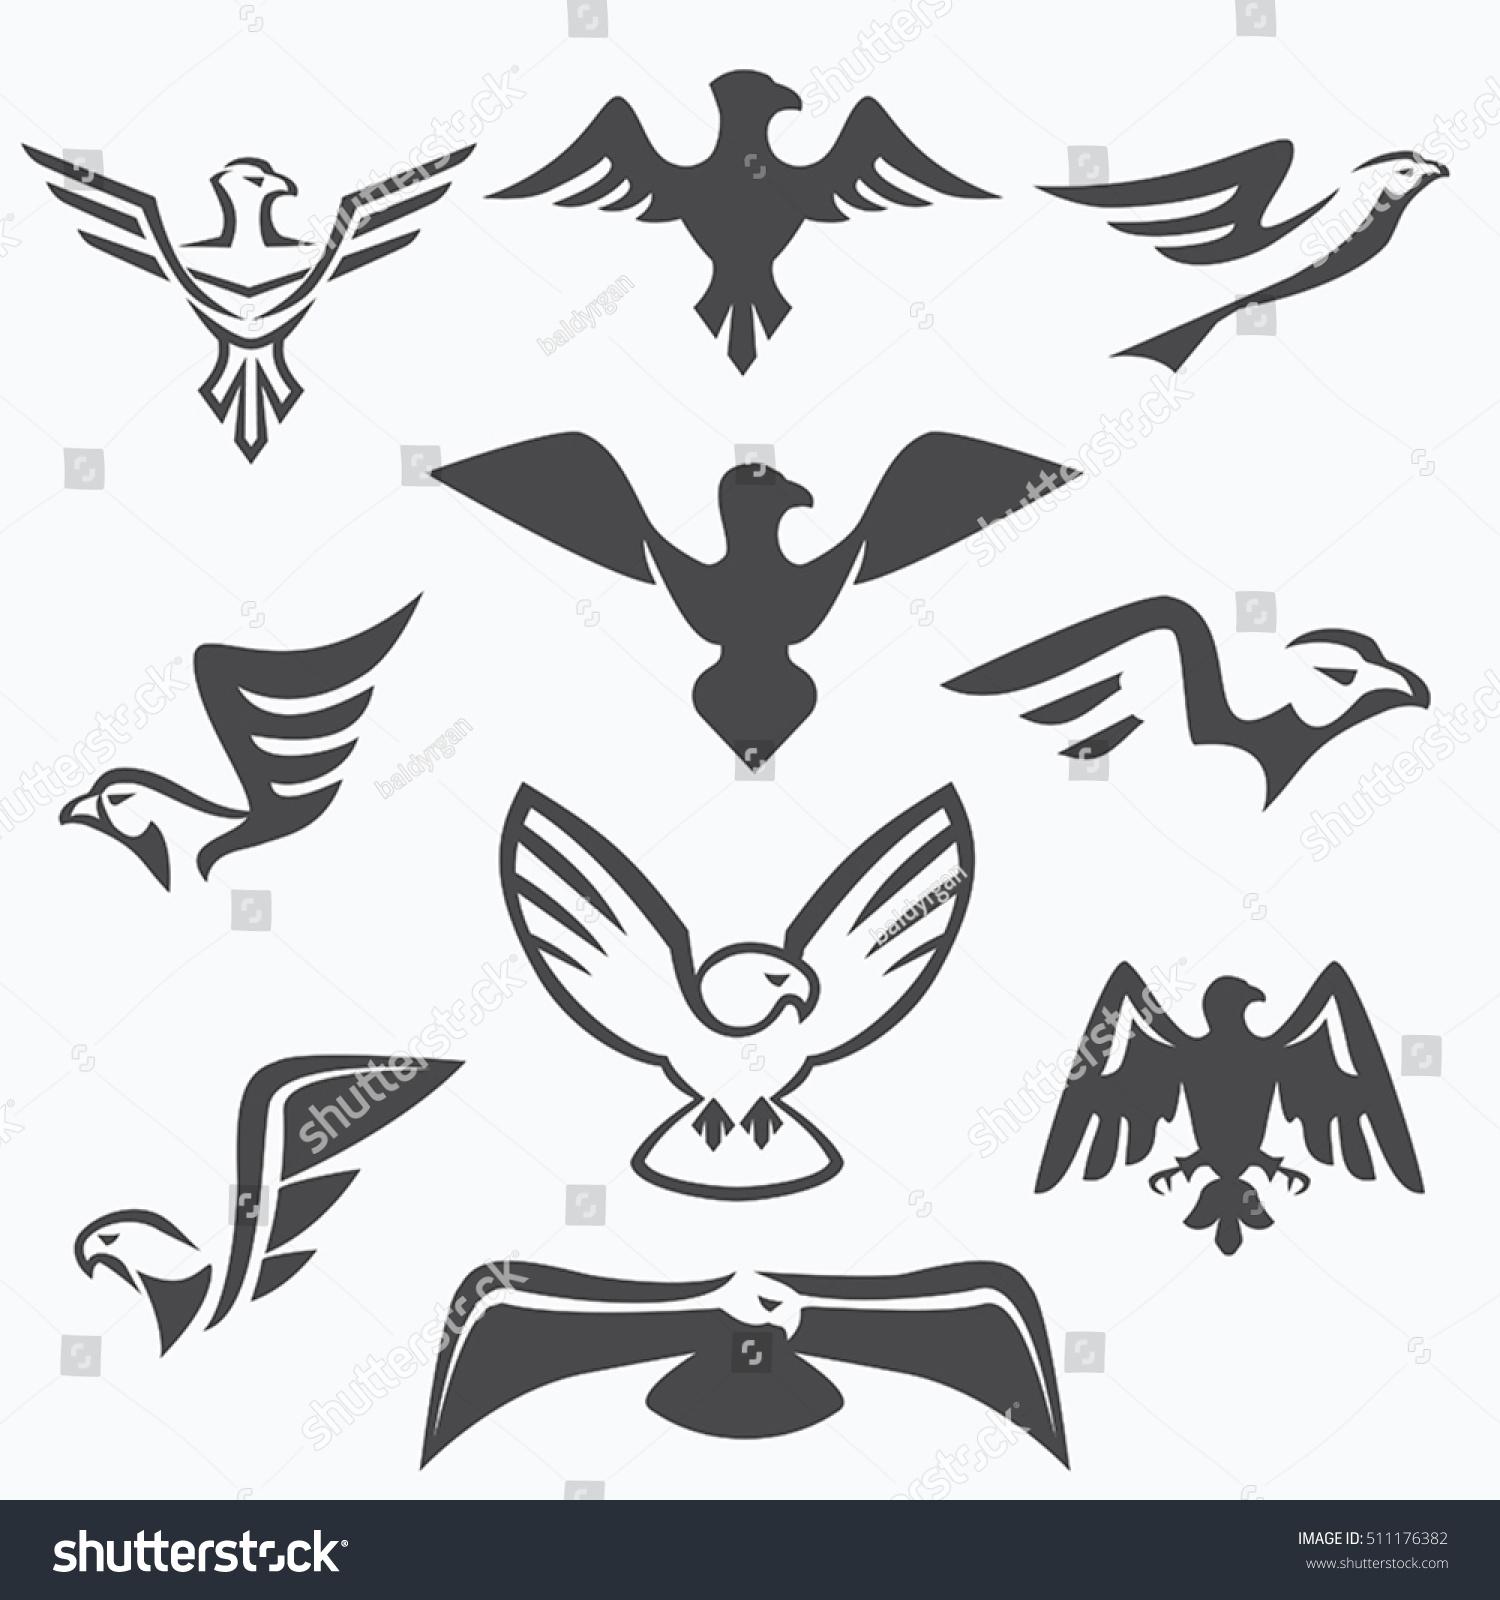 Set eagle symbols logo design stock vector 511176382 shutterstock set of eagle symbols for logo design biocorpaavc Images